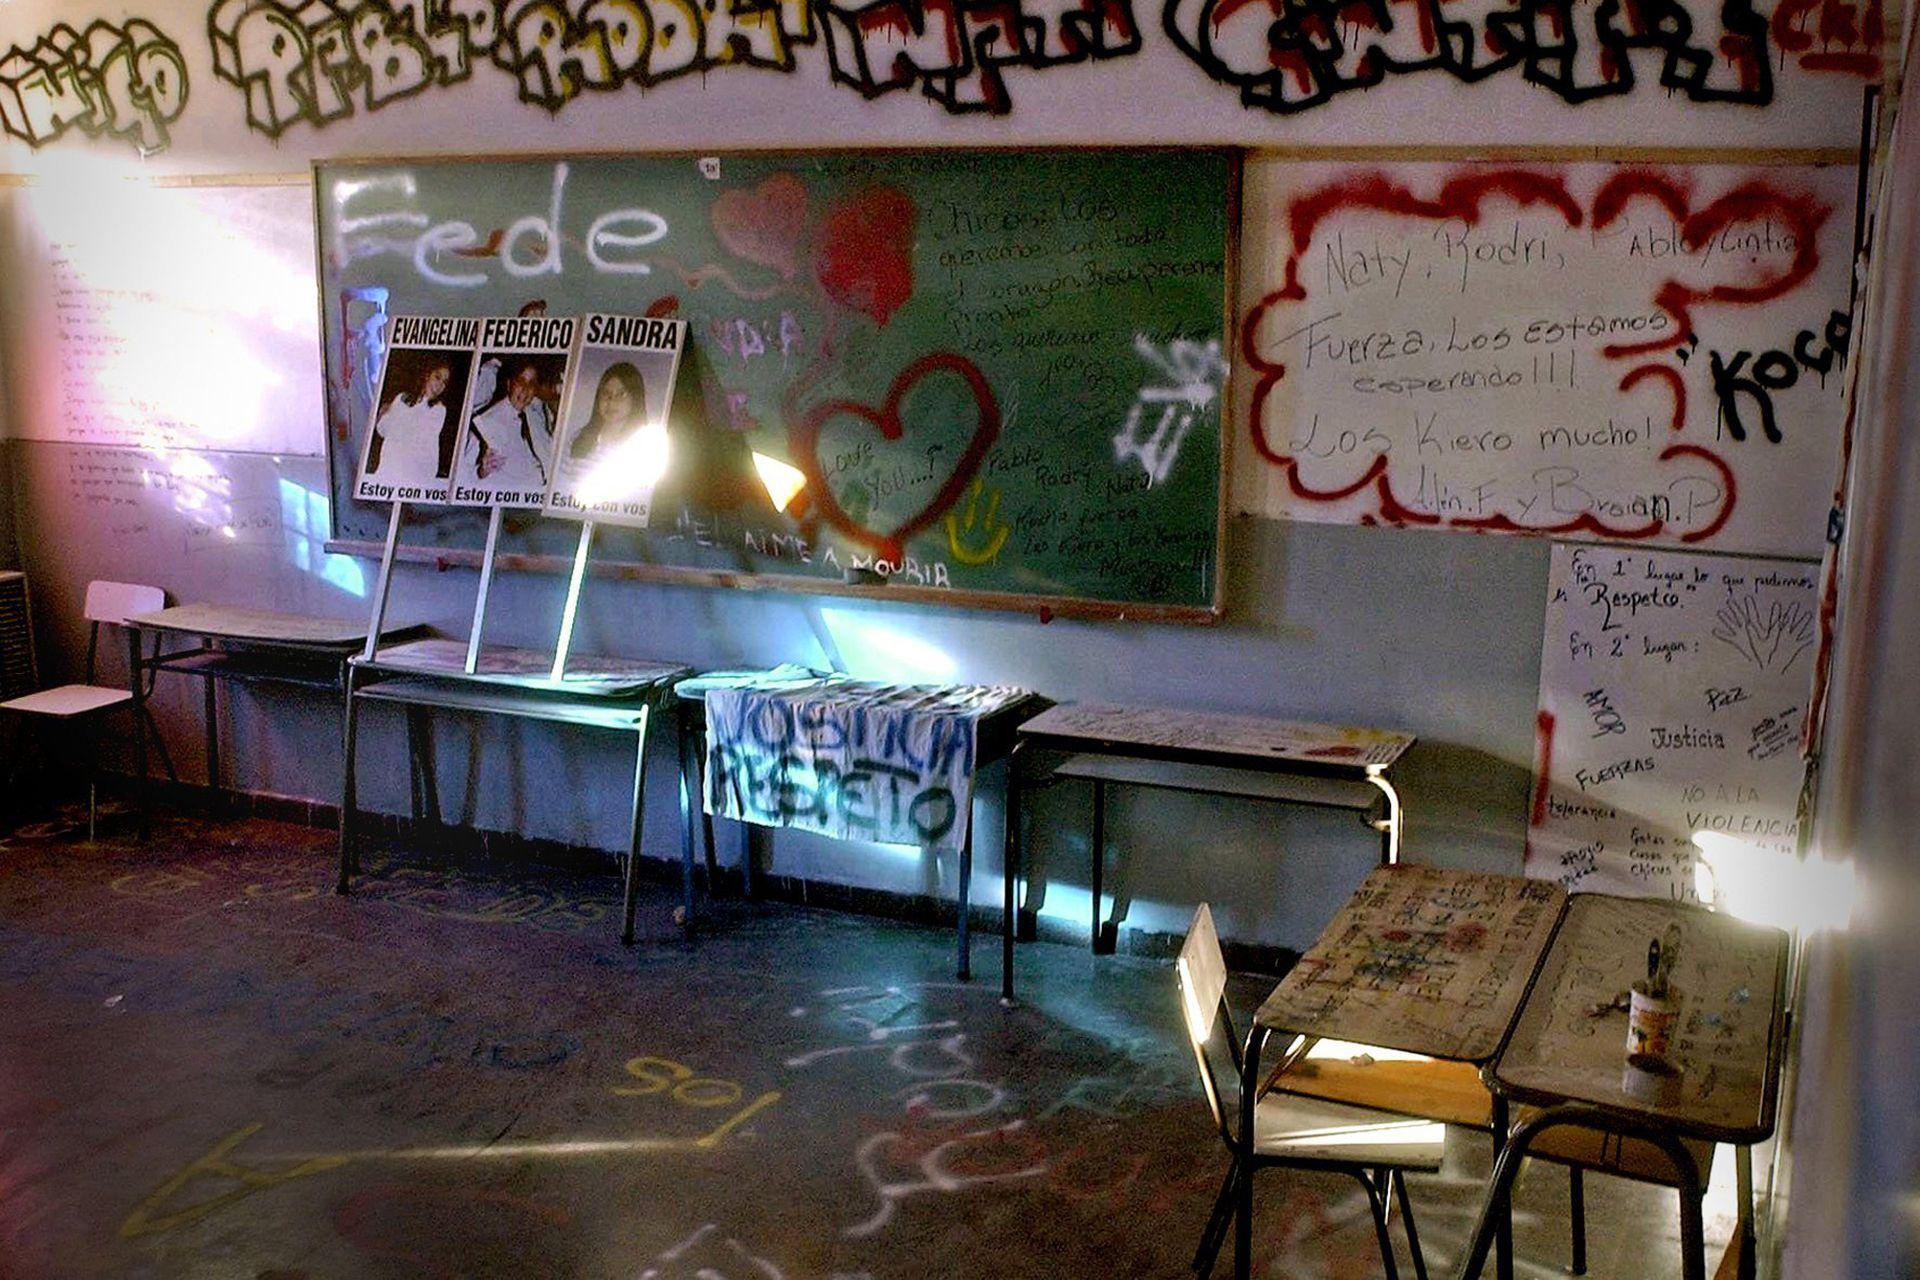 El aula en la que ocurrió la masacre; hoy allí no se dan clases